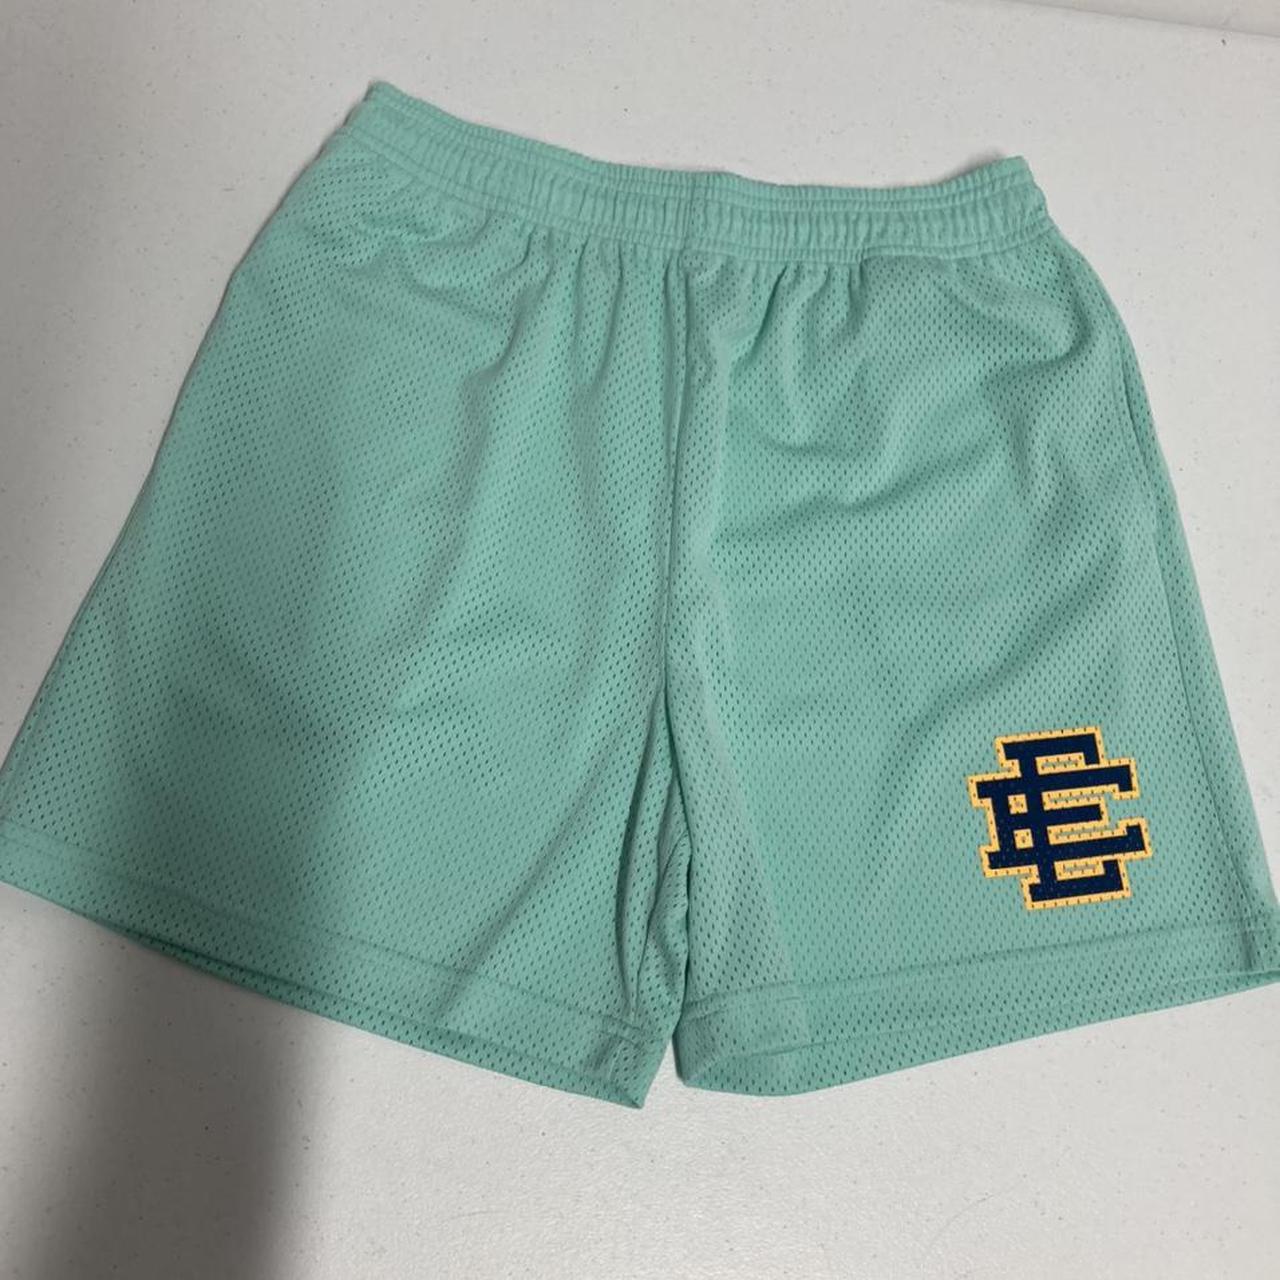 Product Image 1 - Eric emanuel mens shorts size